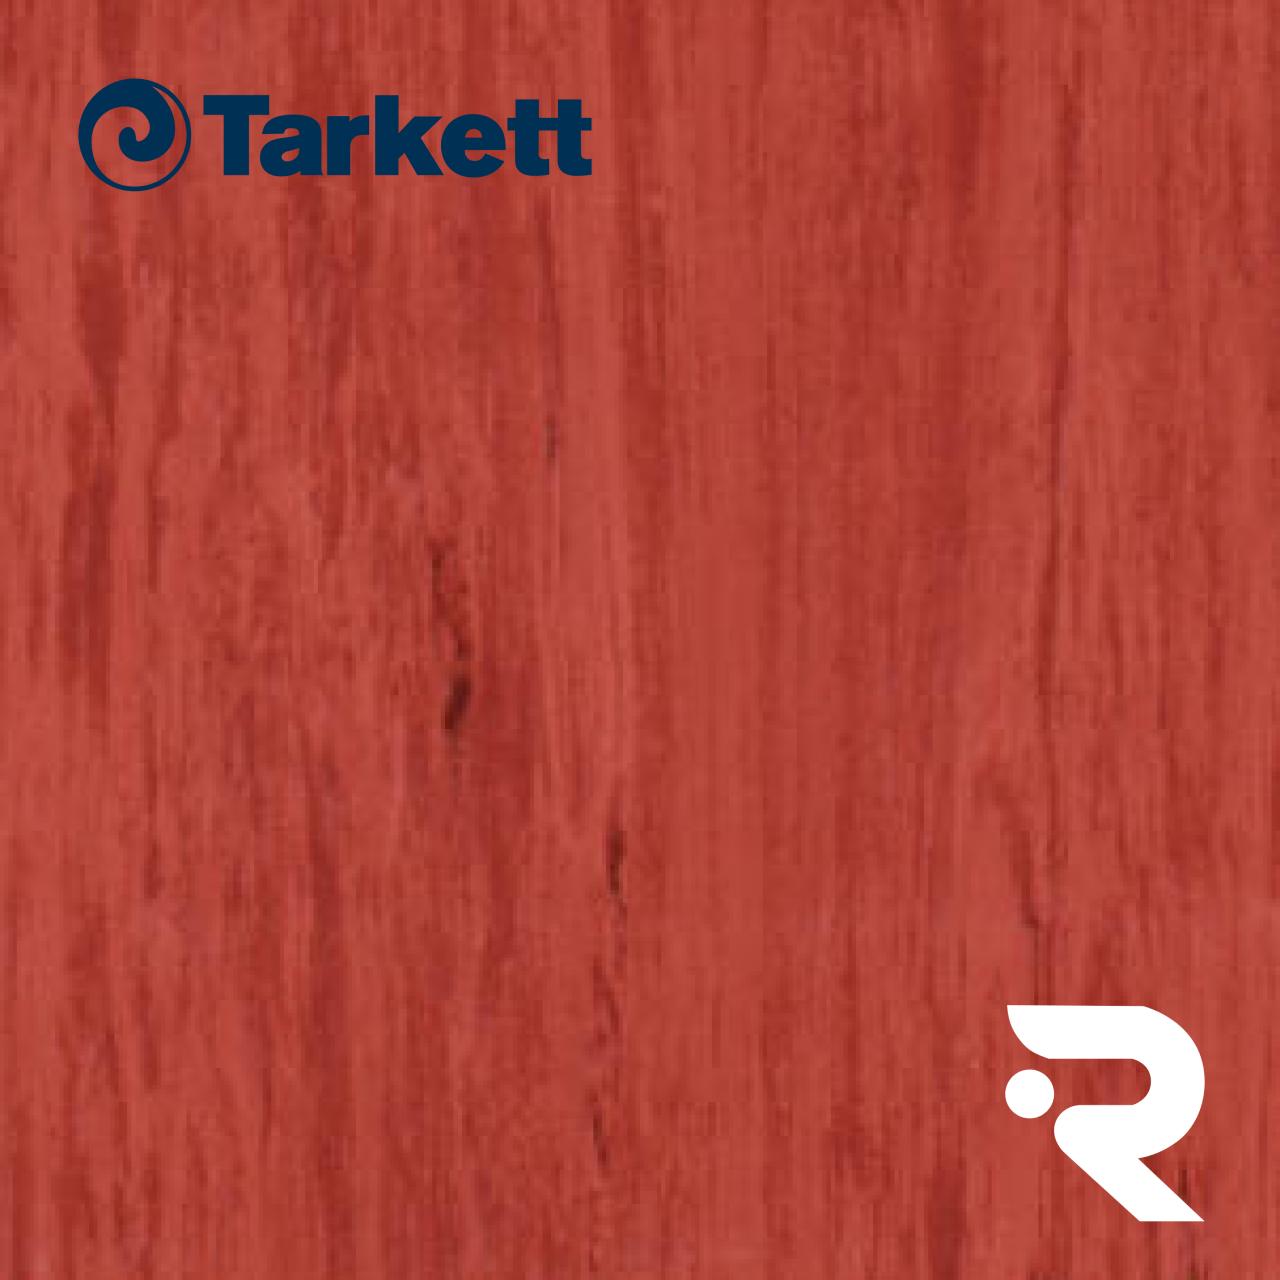 🏫 Гомогенний лінолеум Tarkett   Standard RED 0488   Standard Plus 2.0 mm   2 х 23 м